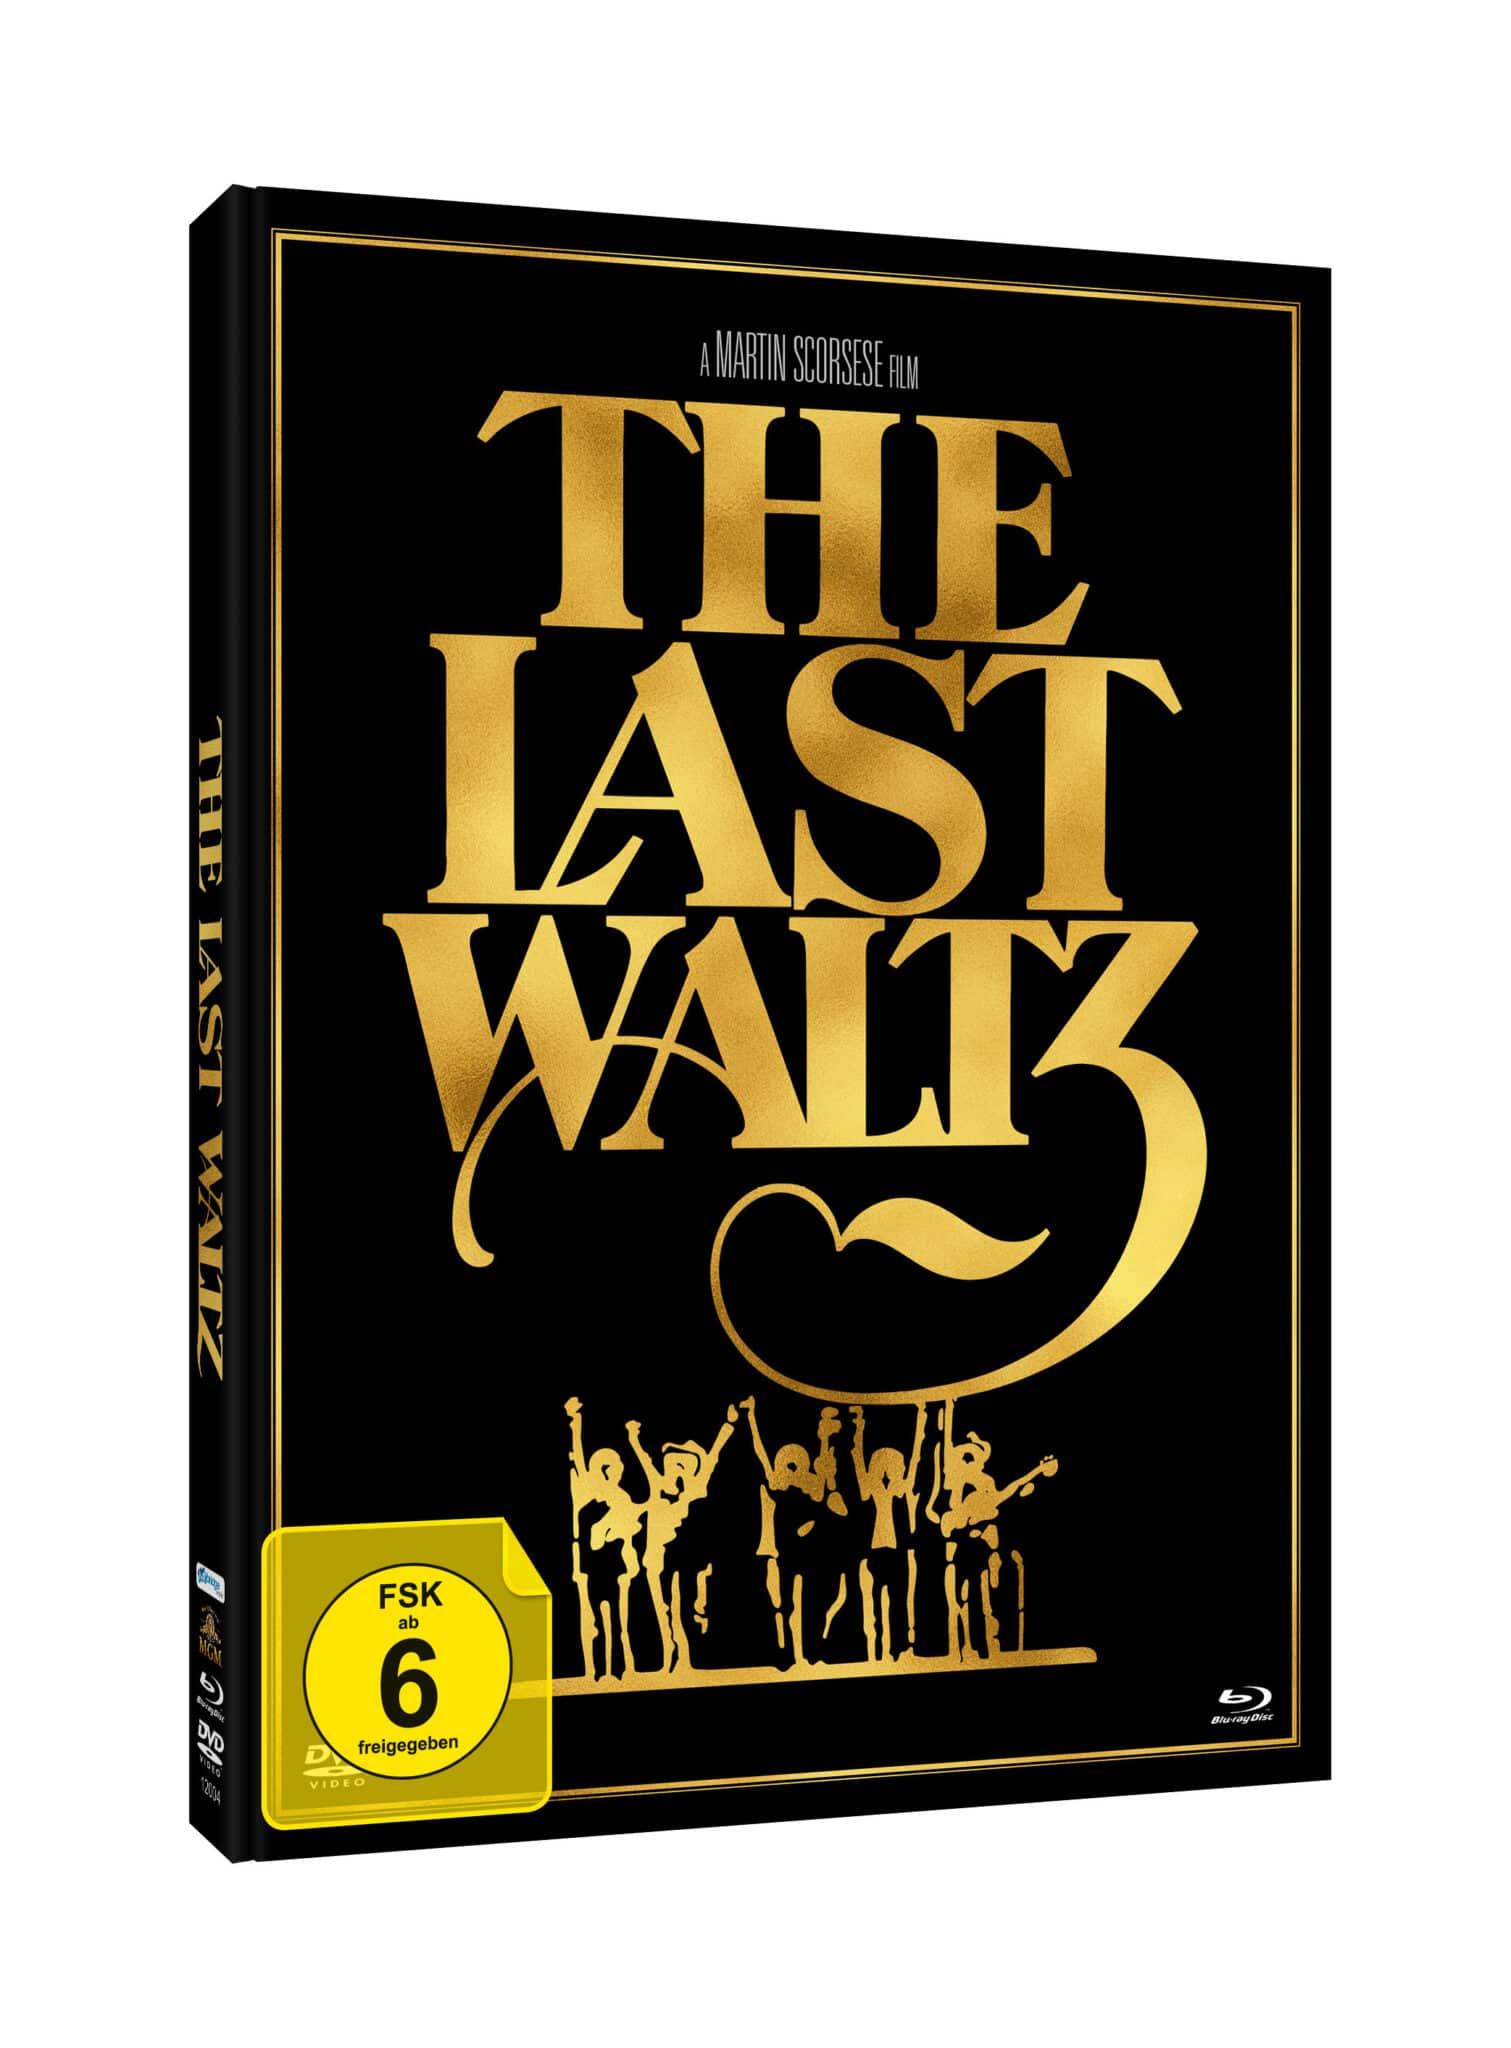 Das Cover des Mediabooks zu The Last Waltz zeigt in groß den goldfarbenen Schriftzug des Titels und darunter ein ebenfalls goldenes Konterfei der Band.